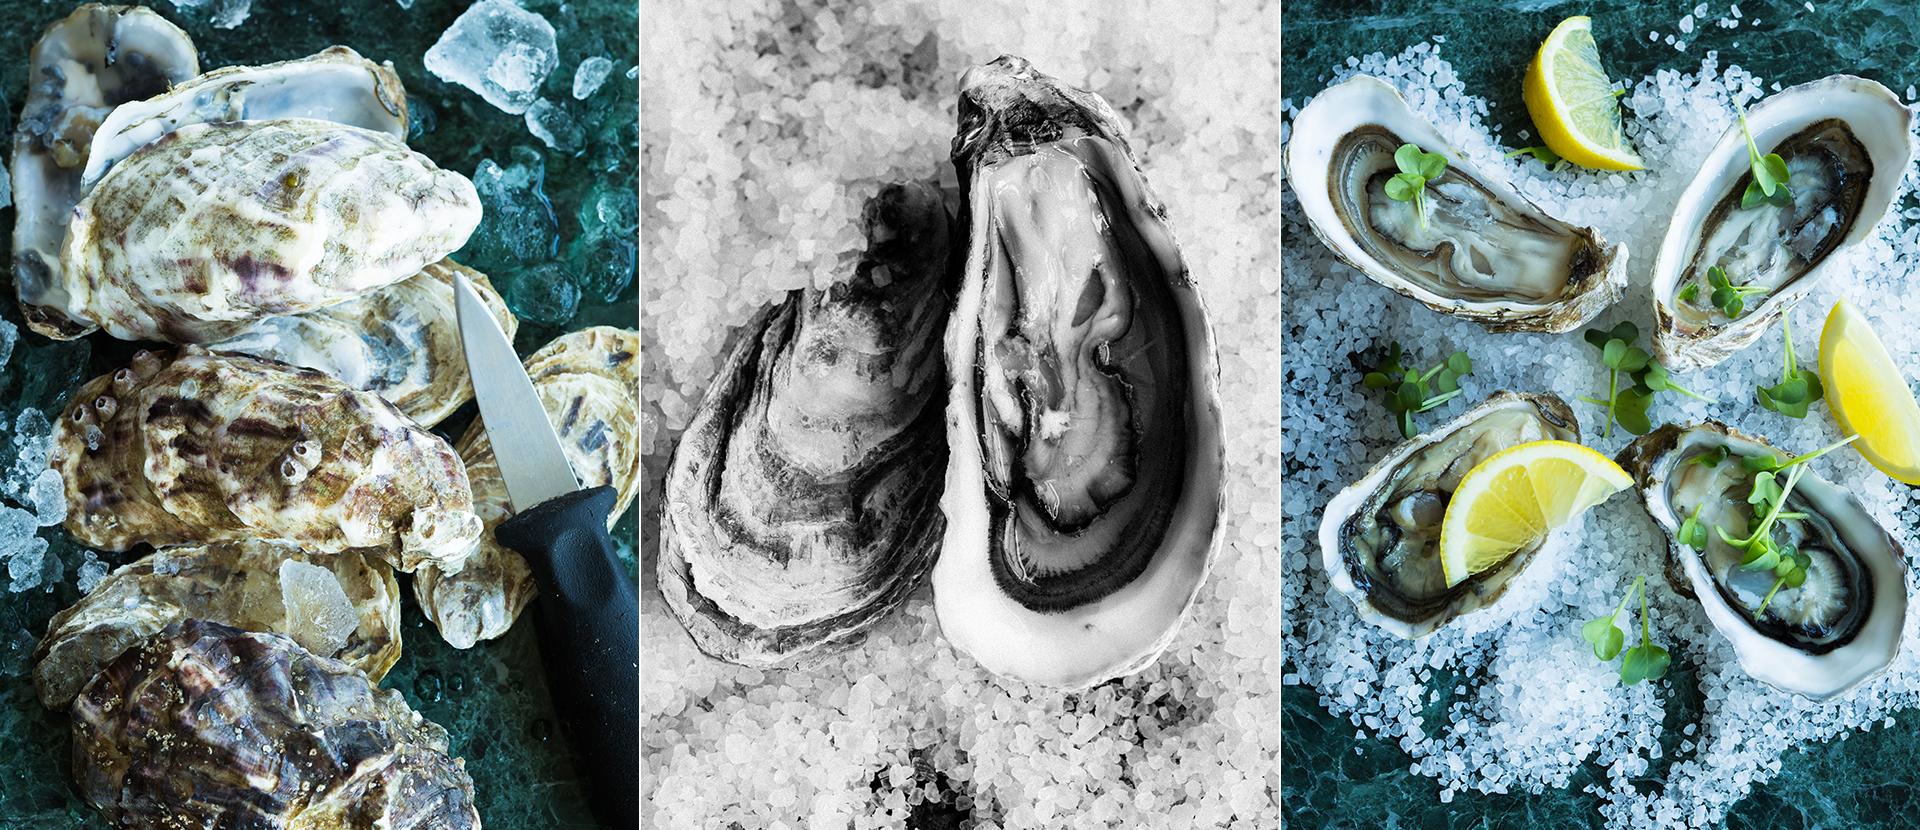 geschlossene und geoeffnete Austern auf groben Meersalz angerichtet. fotografiert von Foodphotography Katrin Winner